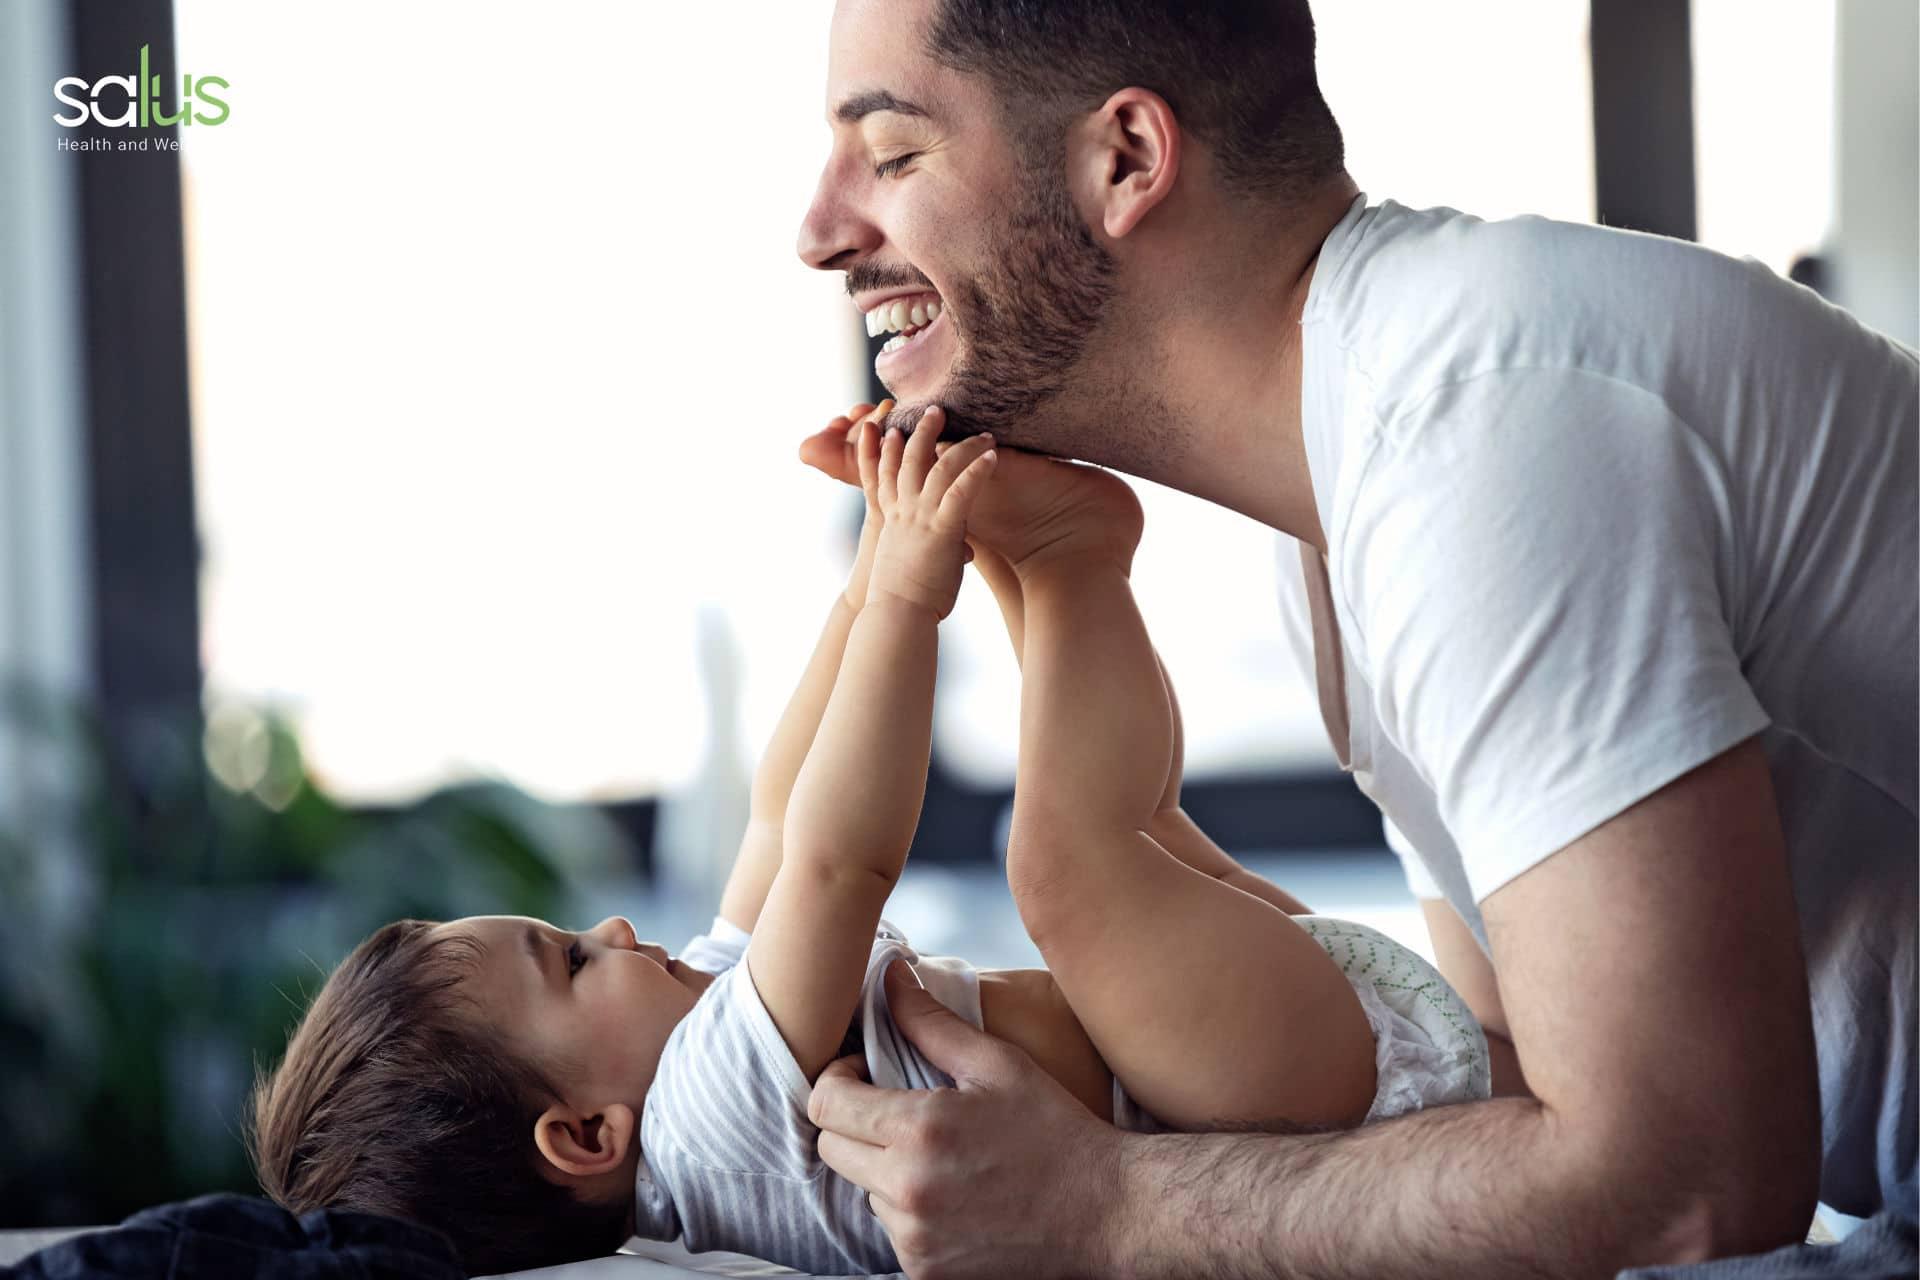 salus-blog-come-affrontare-dermatite-atopica-nei-bambini